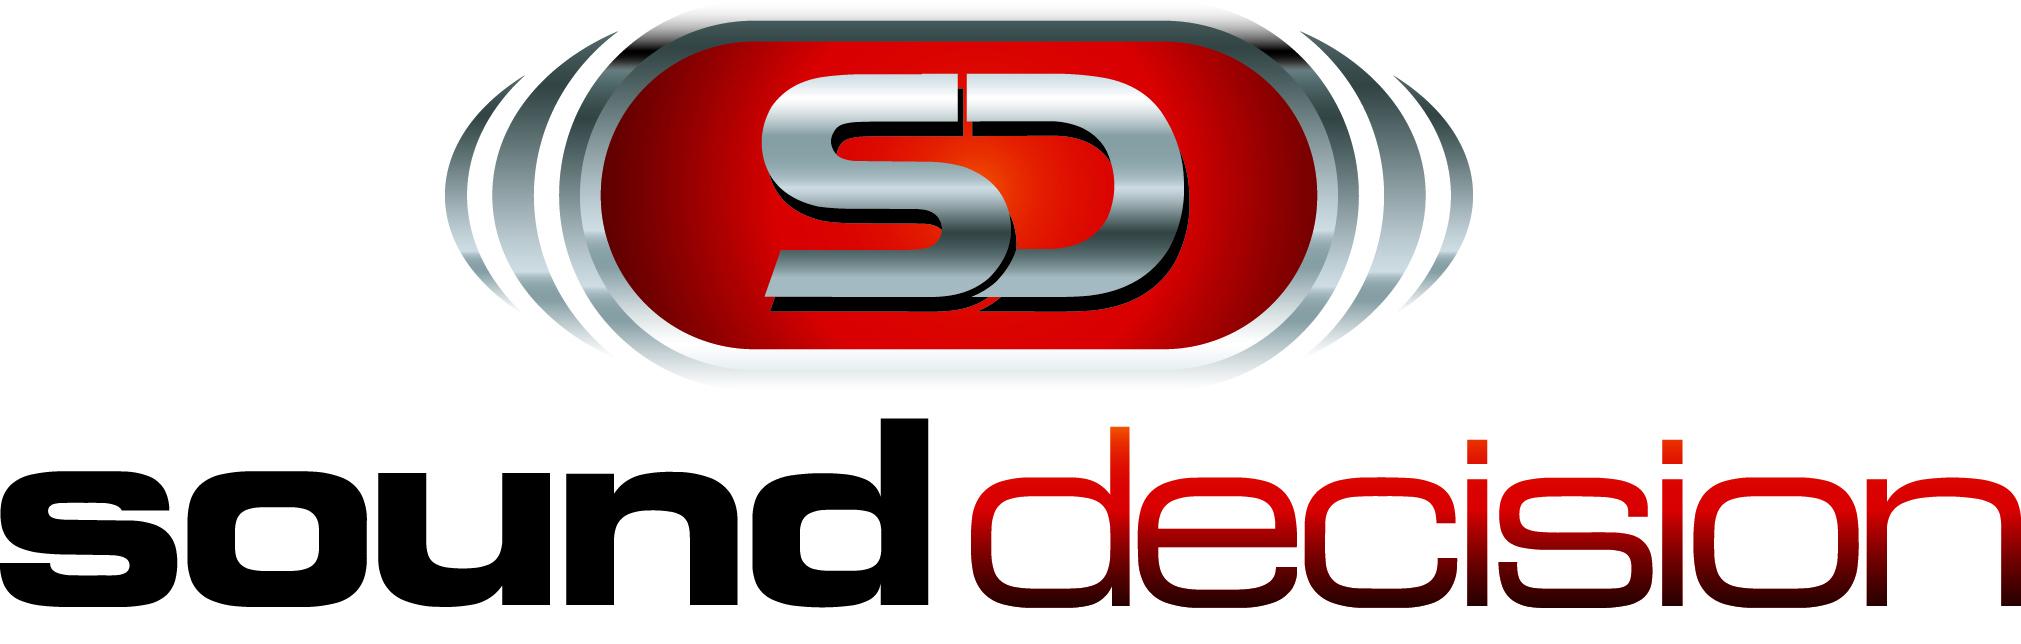 Sound Decision Ltd.'s